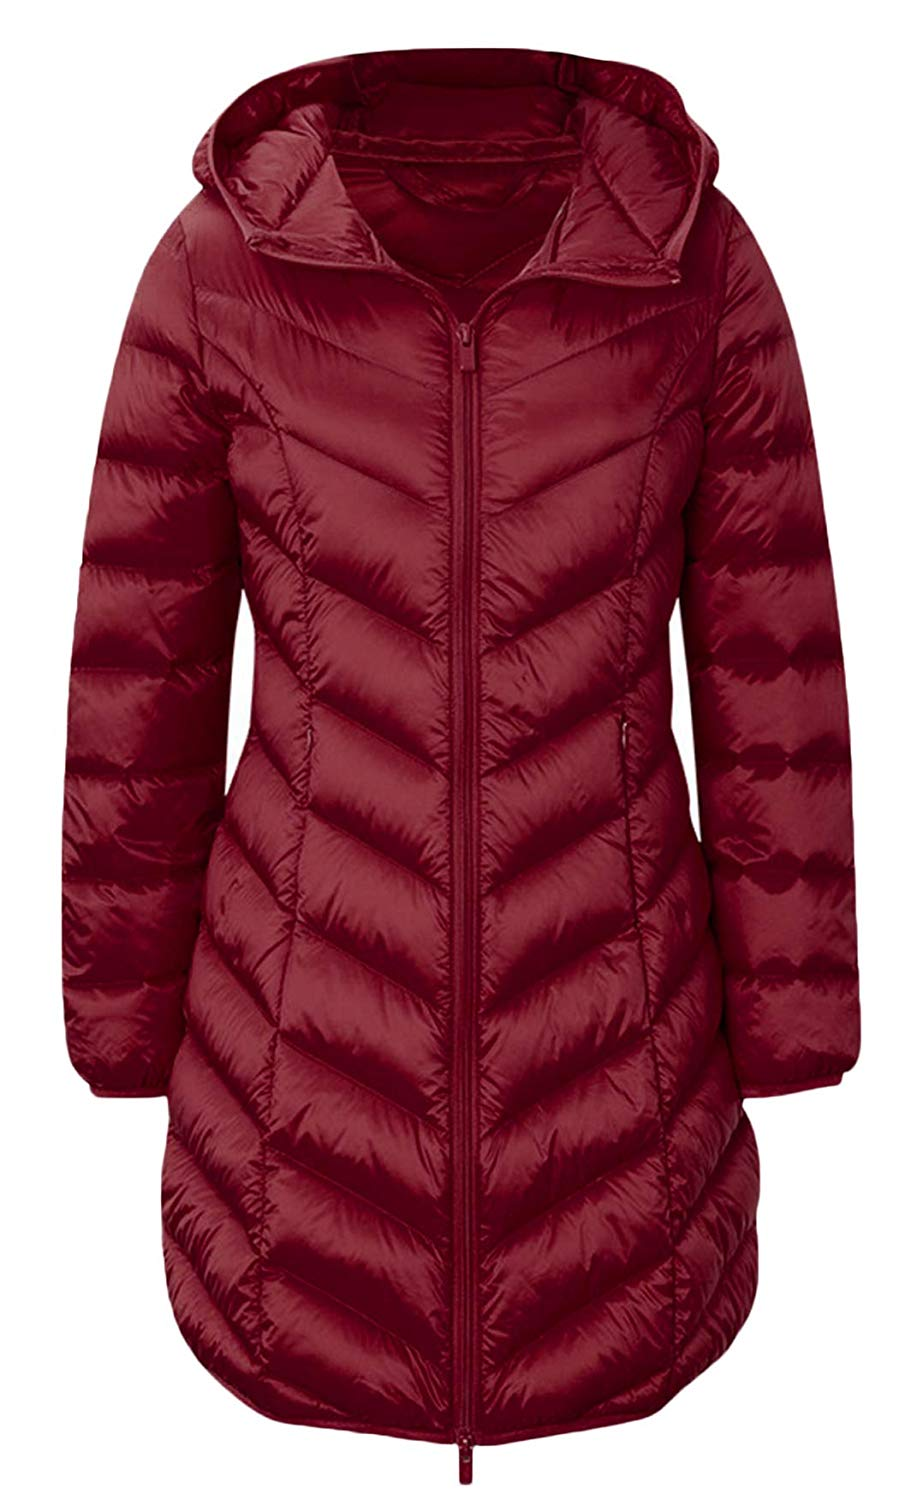 GAGA Men Winter Outer Duck Parka Puffer Jacket Down Long Coat